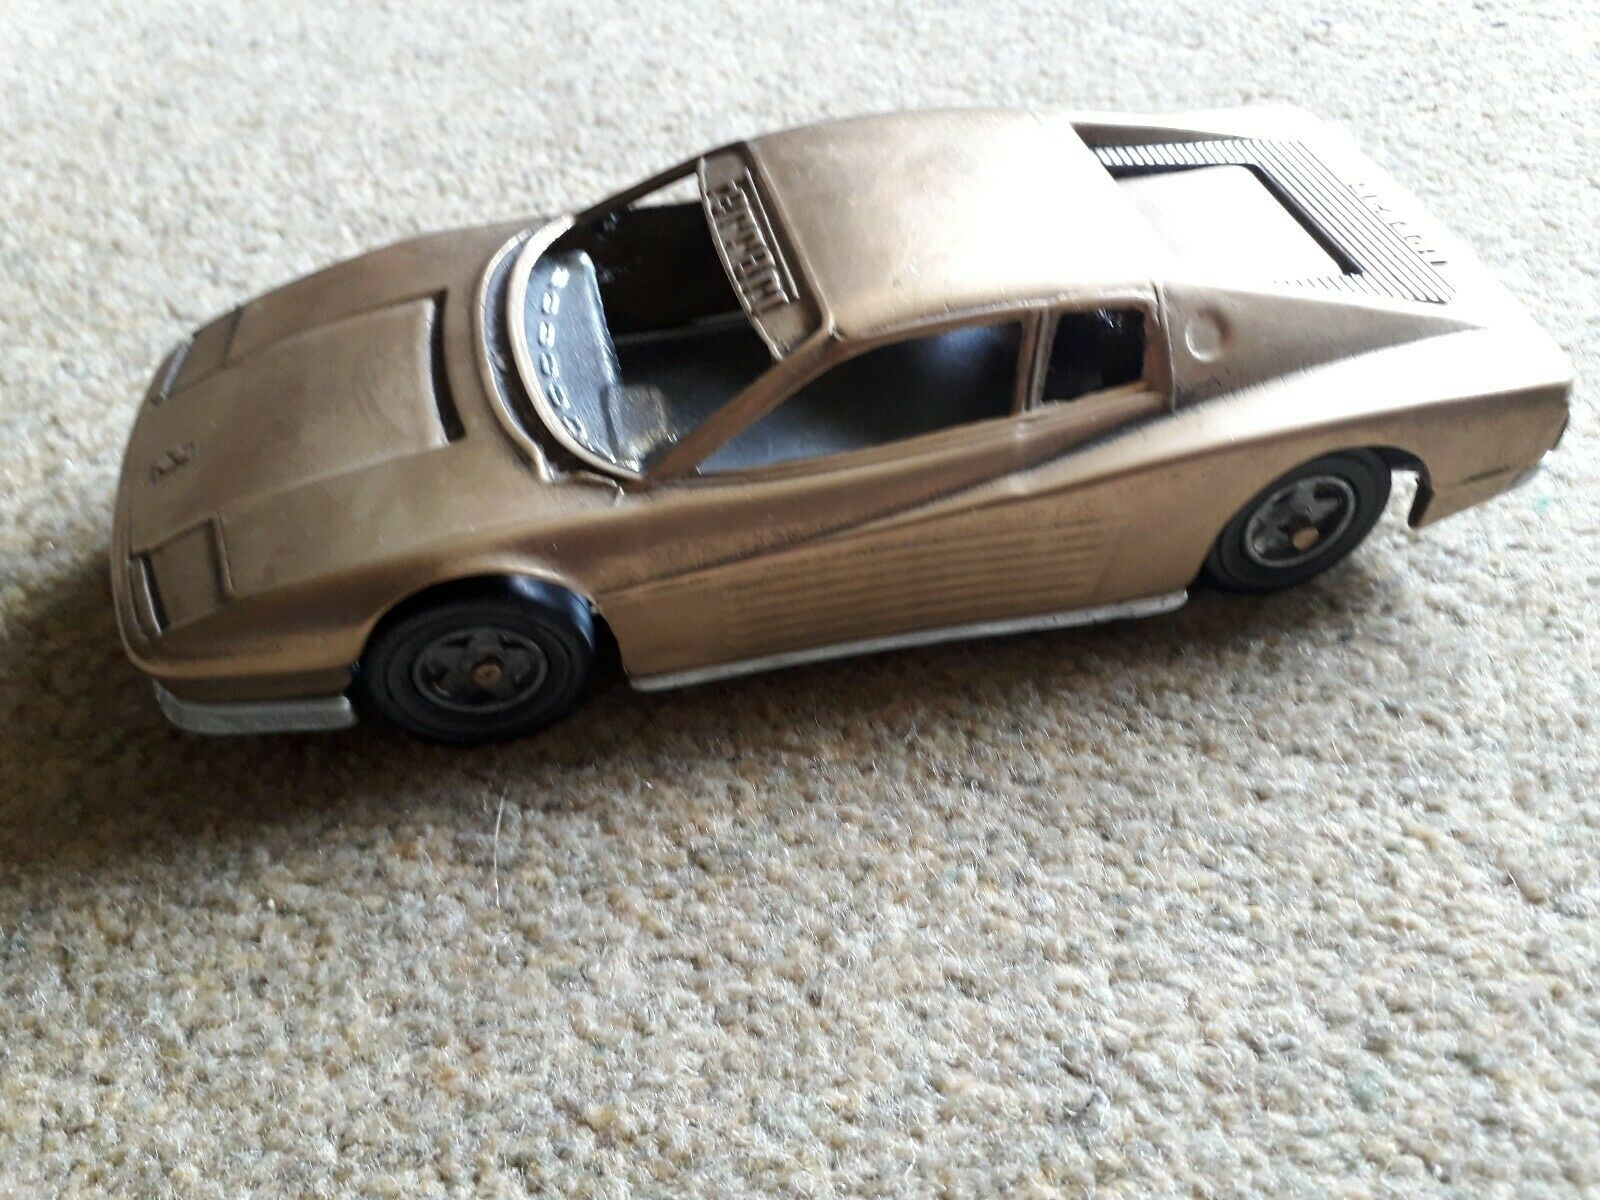 SPLENDIDA FAL IN OTTONE MODELLO Diecast FERRARI TESTAROSSA 1984 auto  RARO  MADE ITALIA